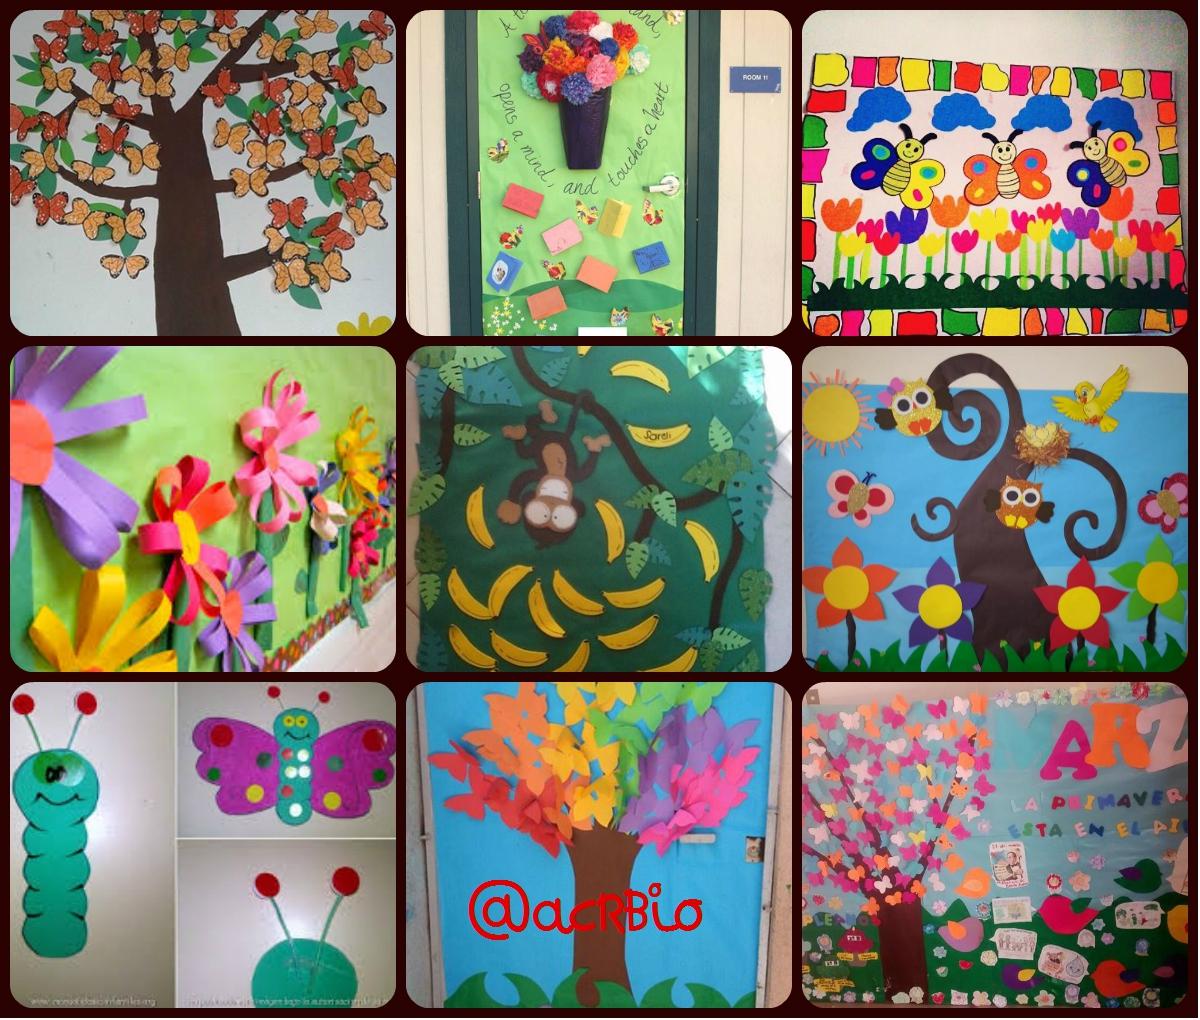 Collage decoraci n primavera portada 2 imagenes educativas for Decoracion de interiores de la escuela